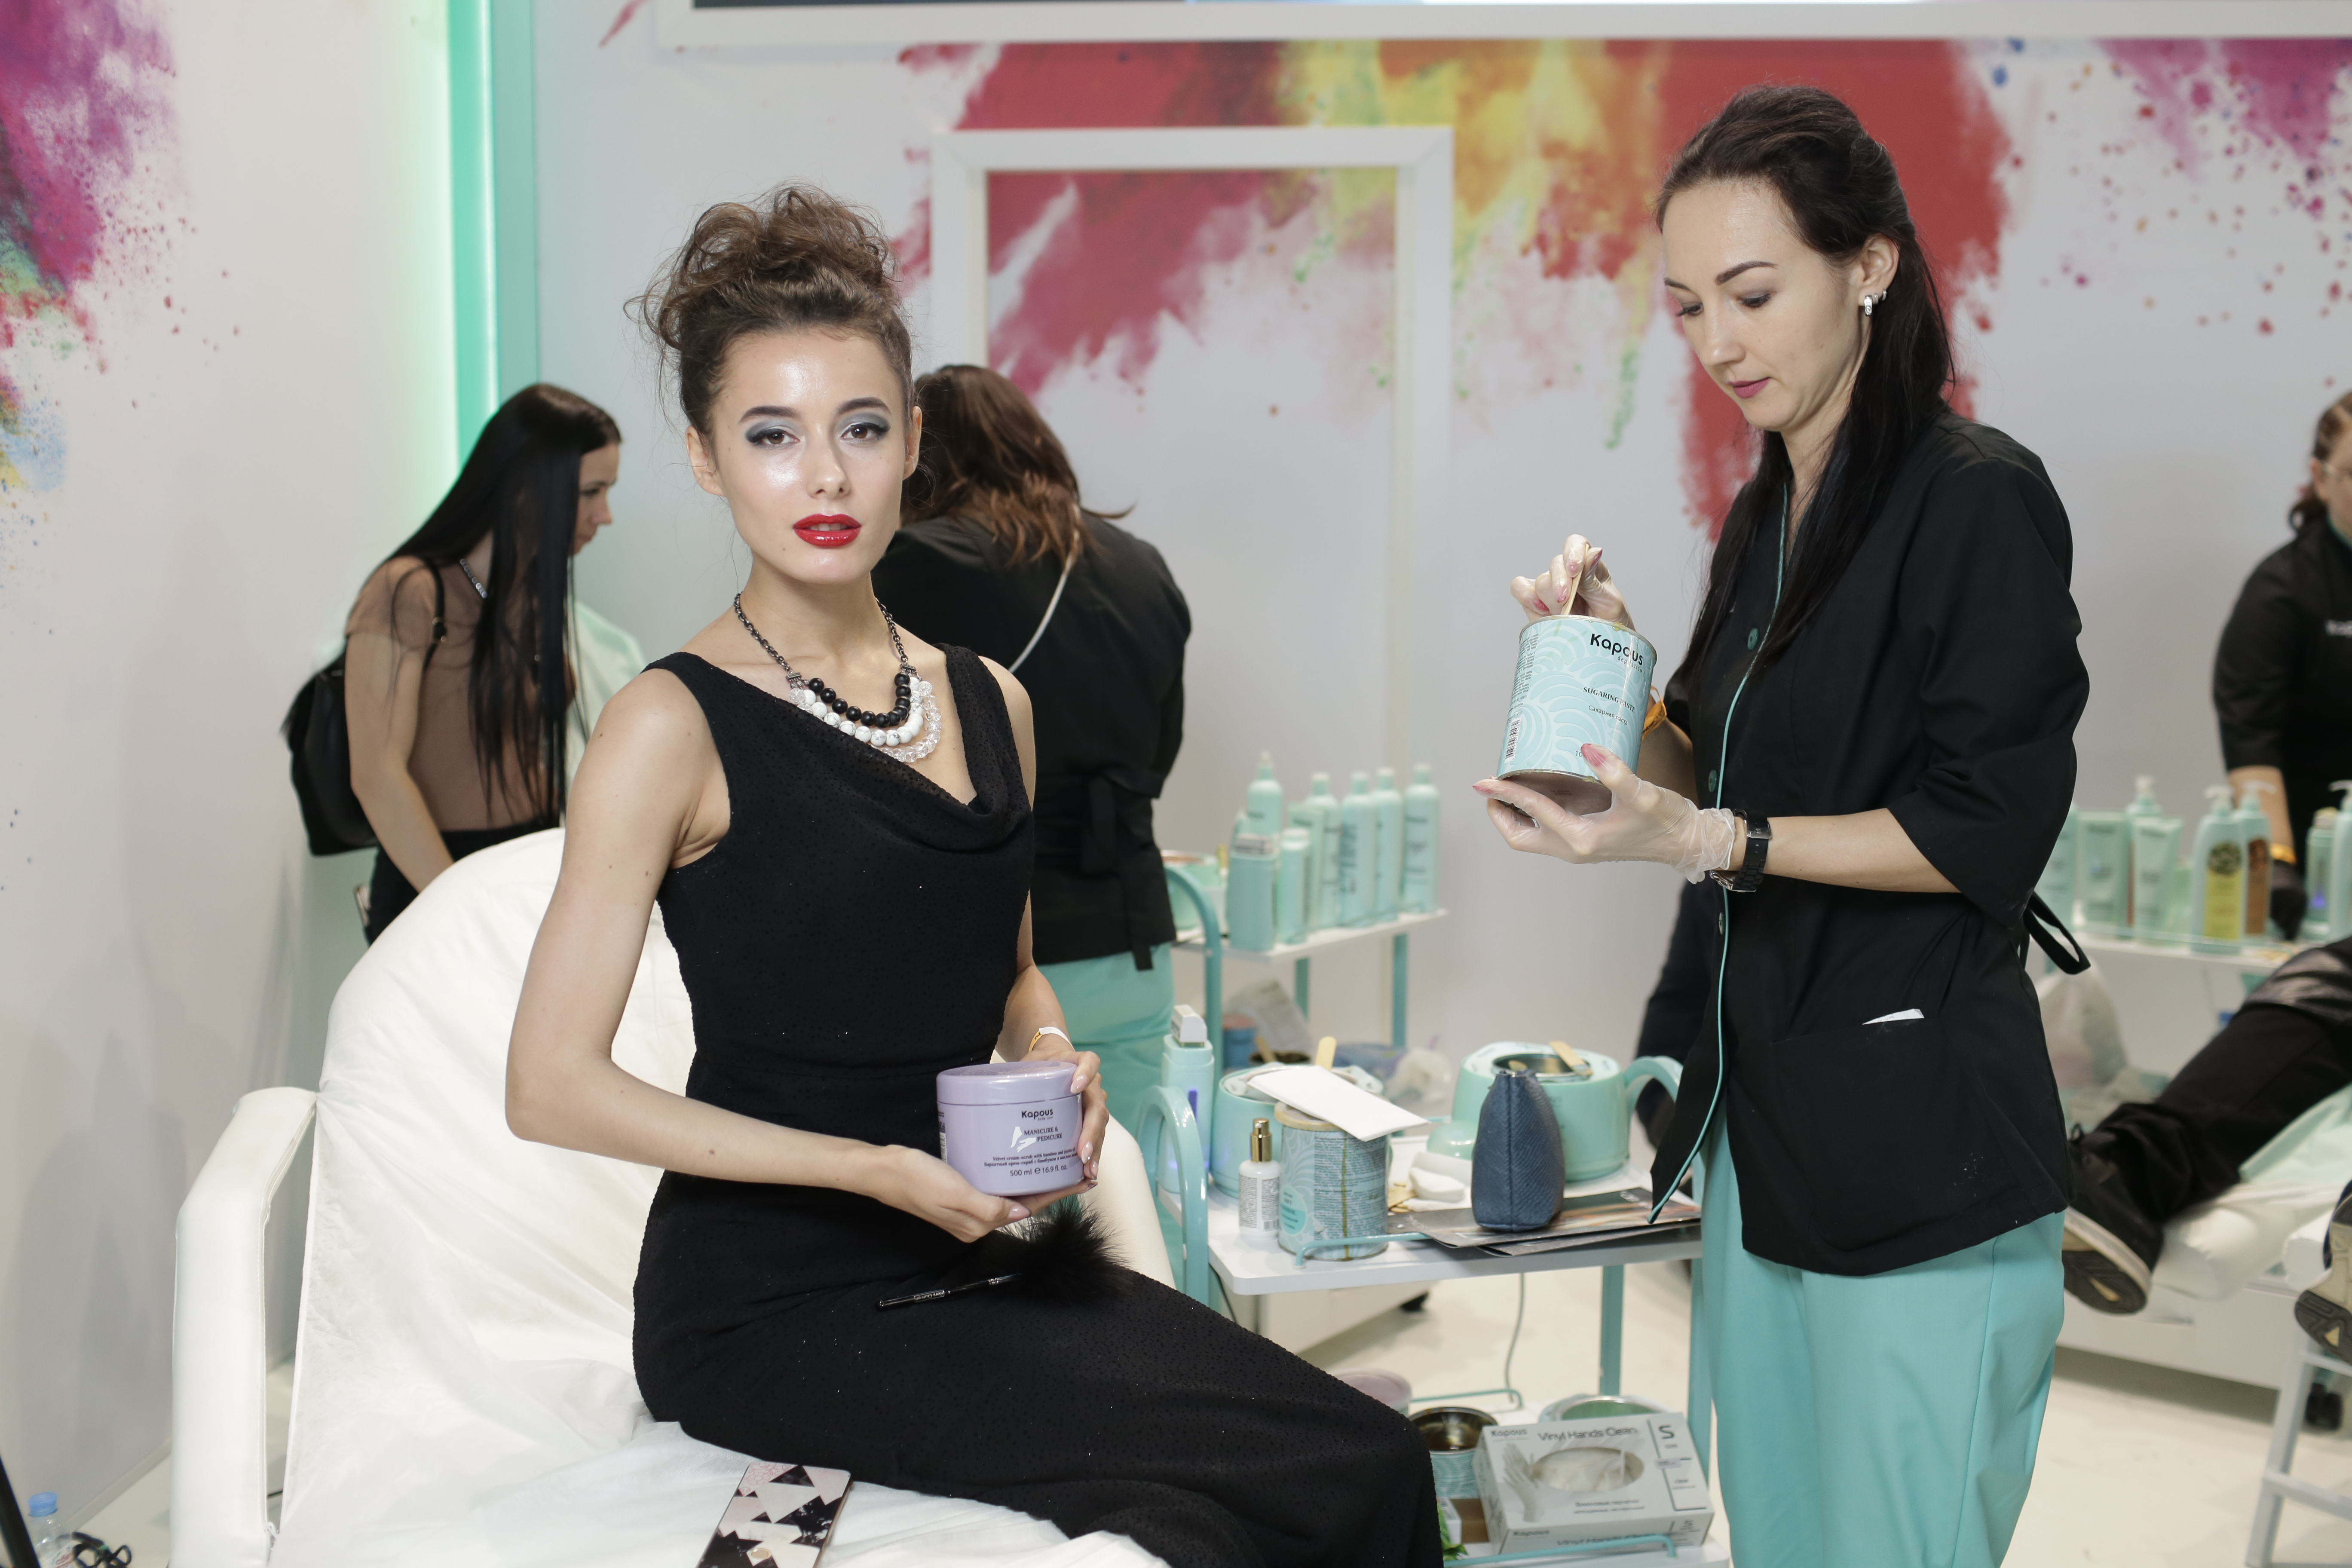 Новые технологии в индустрии красоты: как они меняют правила игры в период пандемии | vogue russia